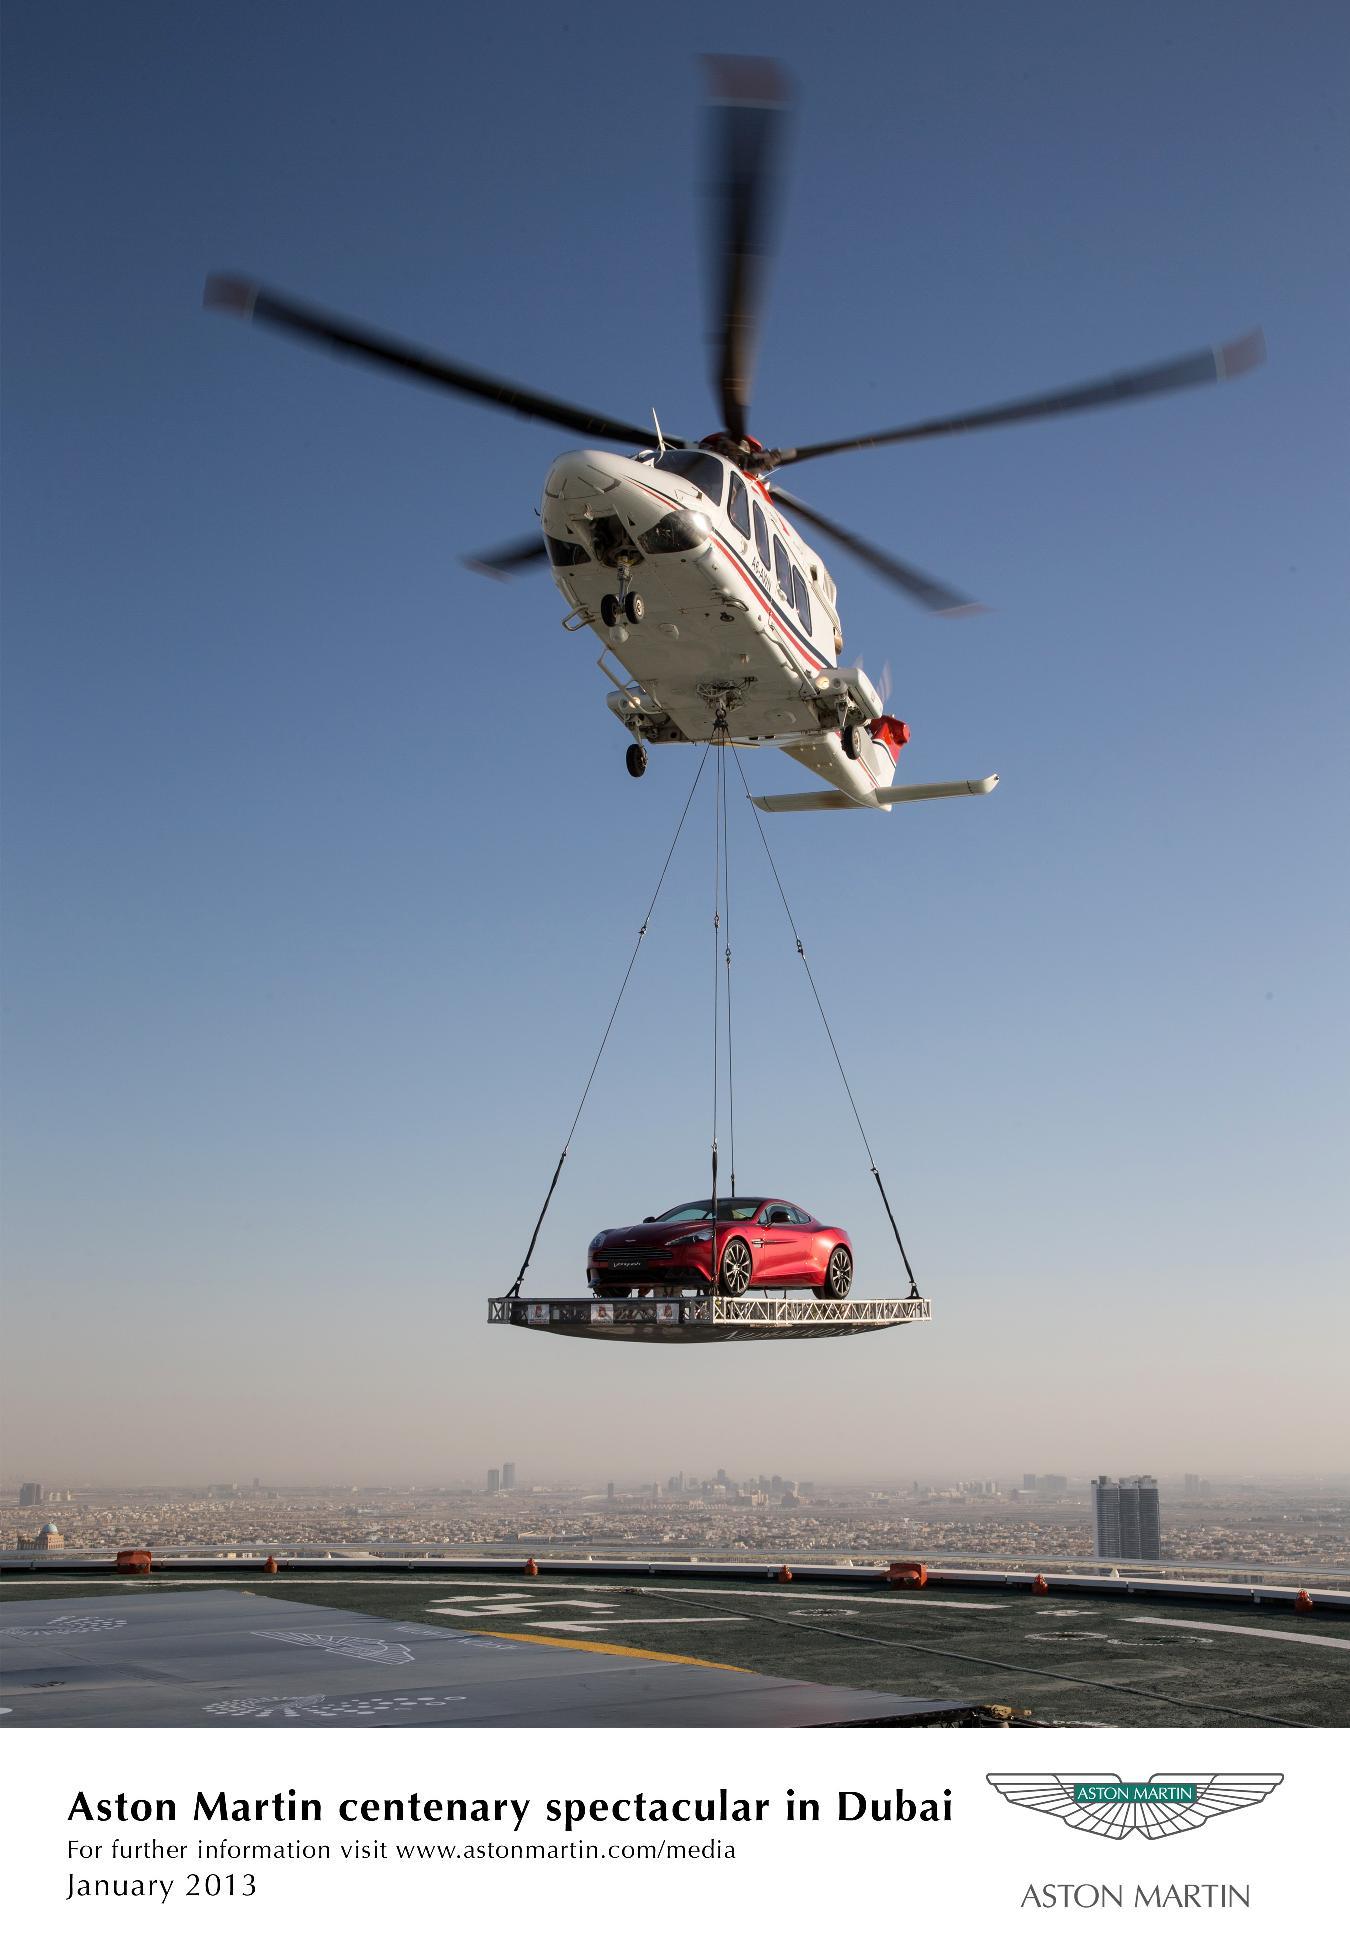 Aston Martin al Burj Al Arab di Dubai per il centenario del Brand